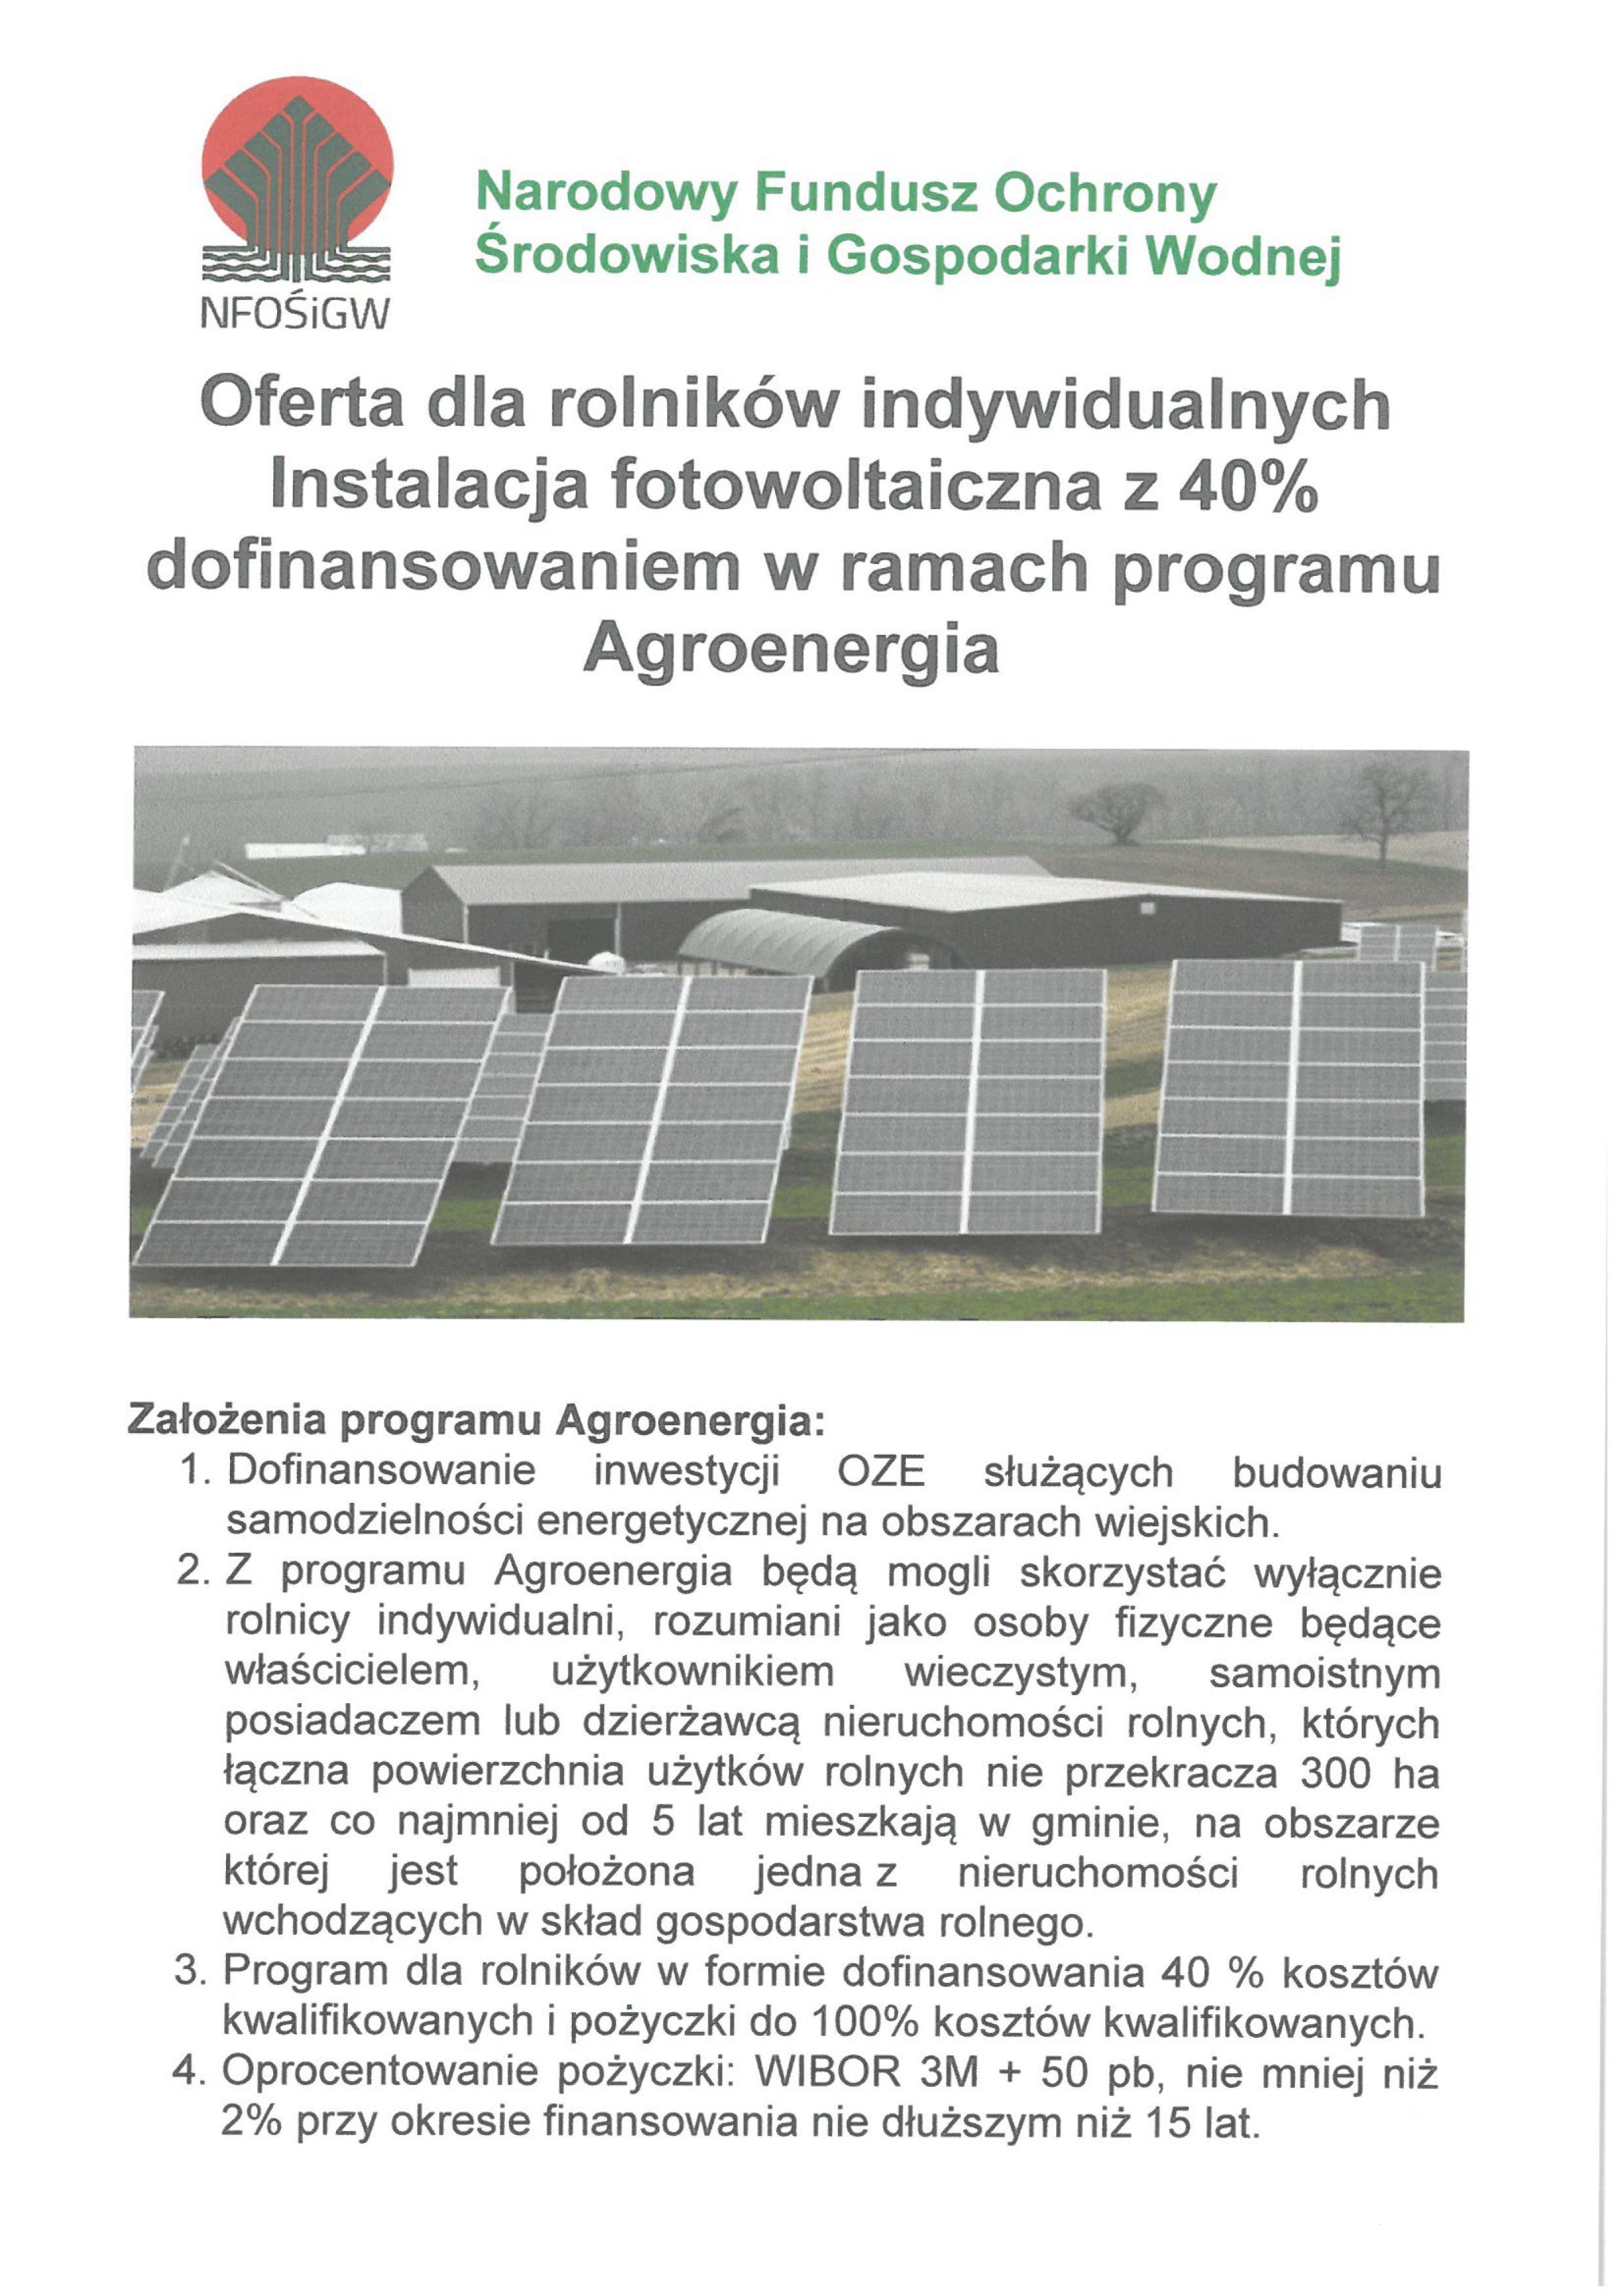 agroenergia201912019.jpg